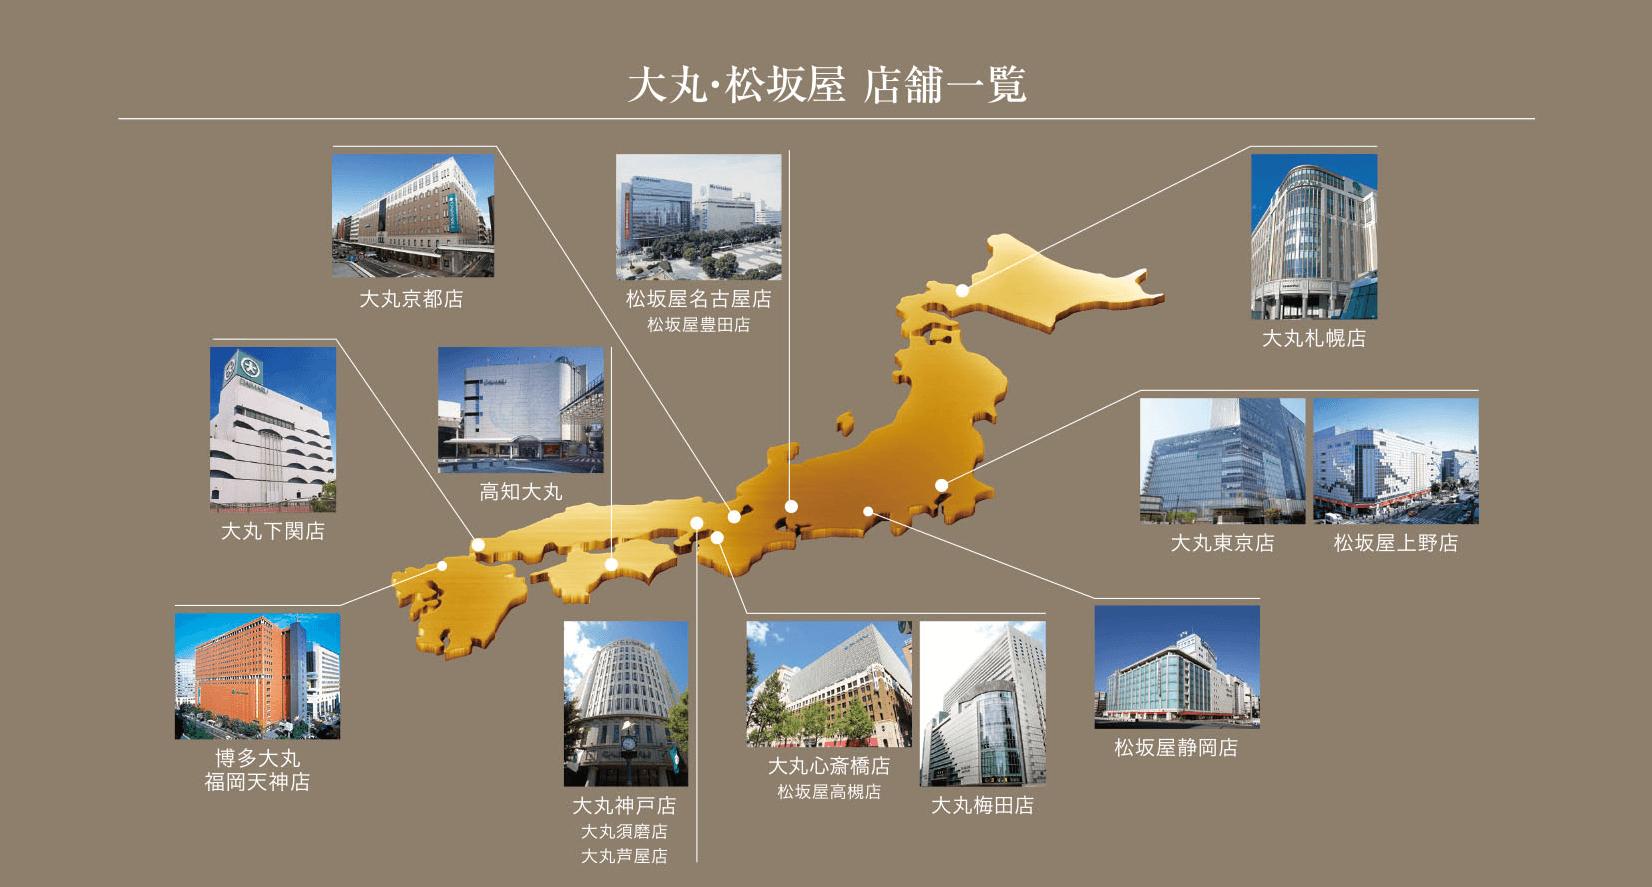 大丸・松坂屋 外商サービス